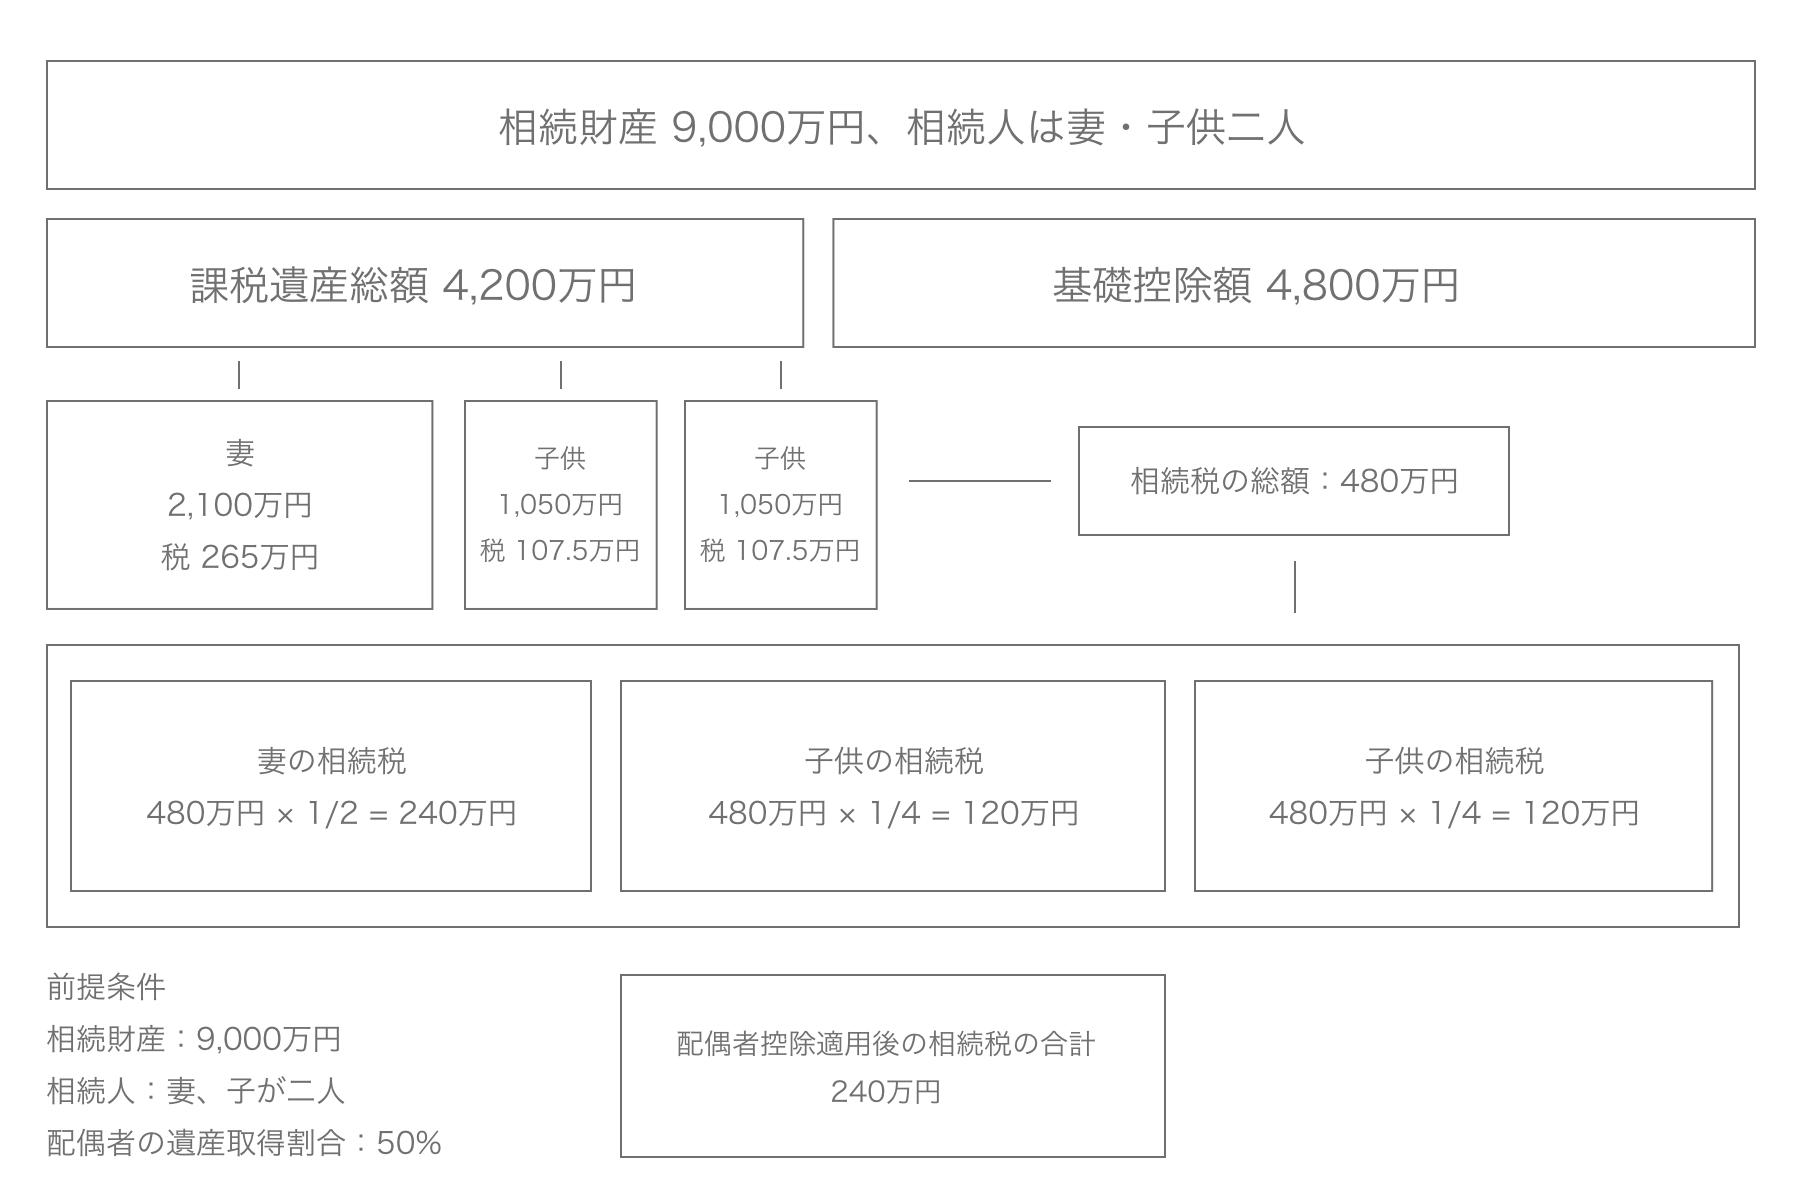 相続財産の計算方法のイラスト